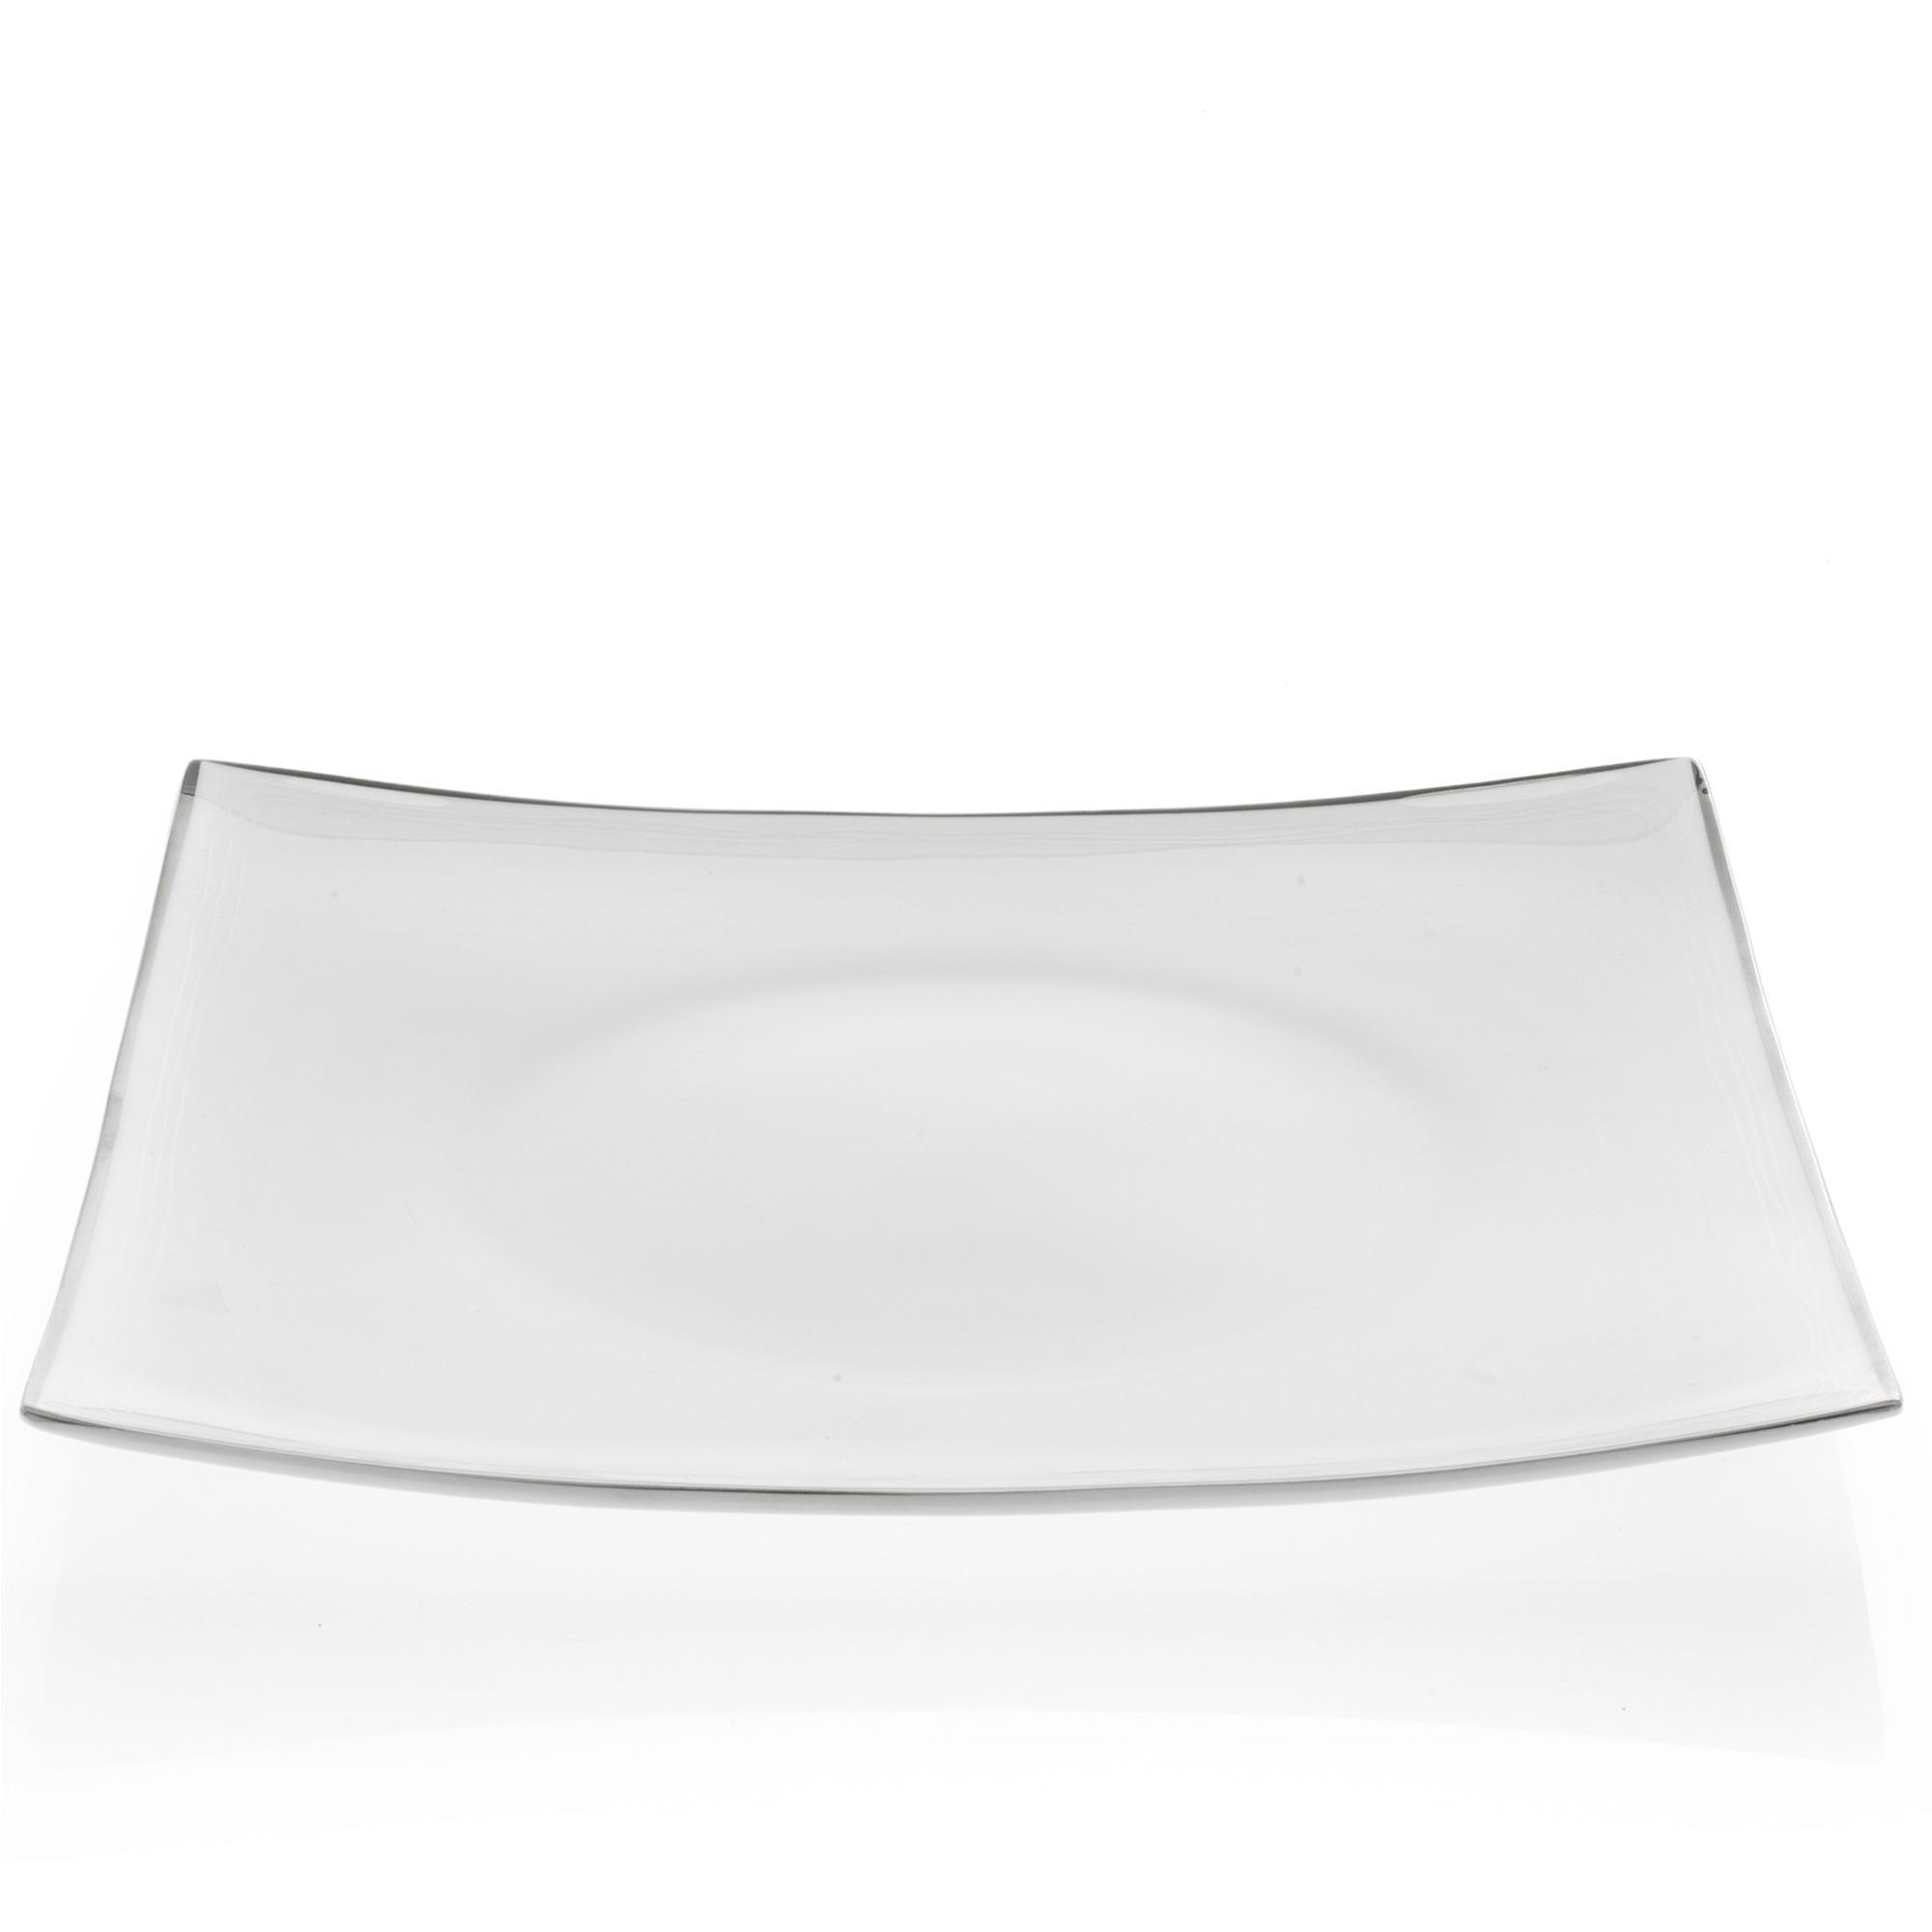 Piatti piani quadrati in porcellana elisabeth filo platino for Piani cucina quadrati